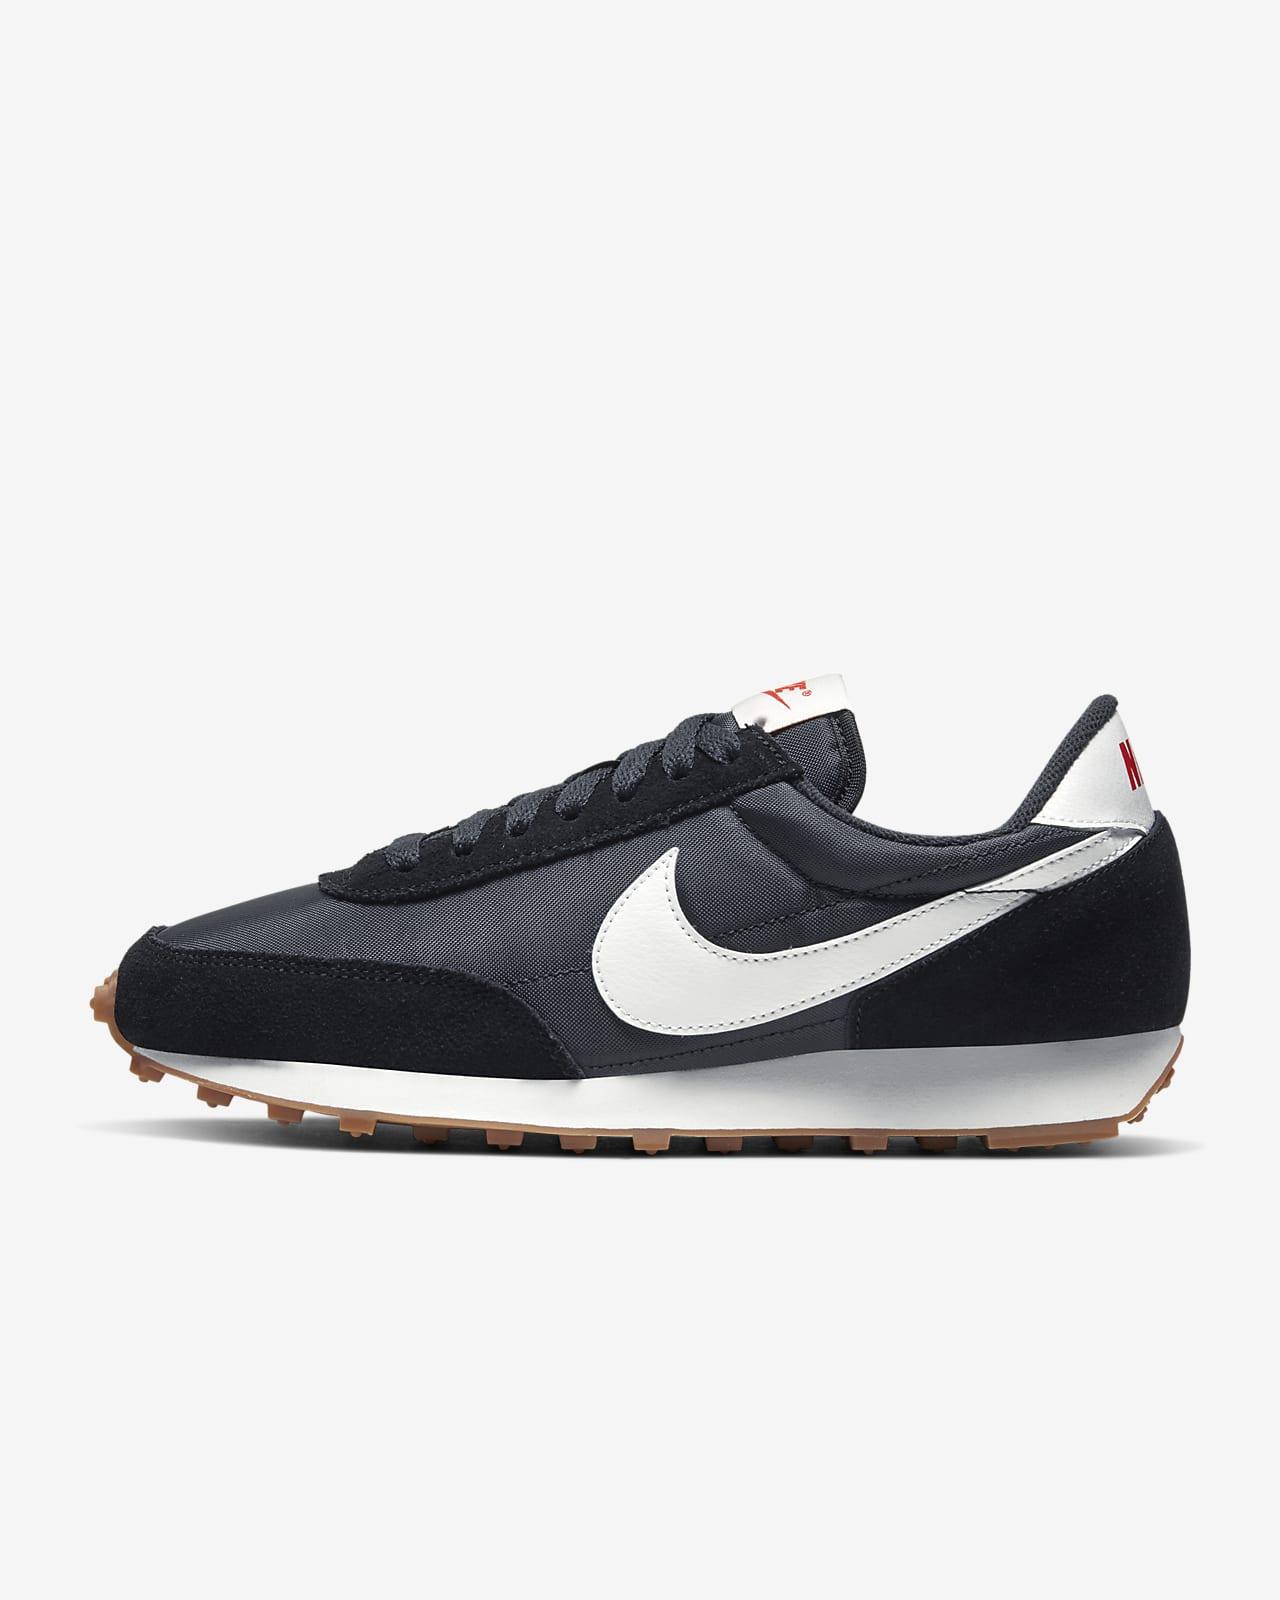 Nike Daybreak Women S Shoe Nz